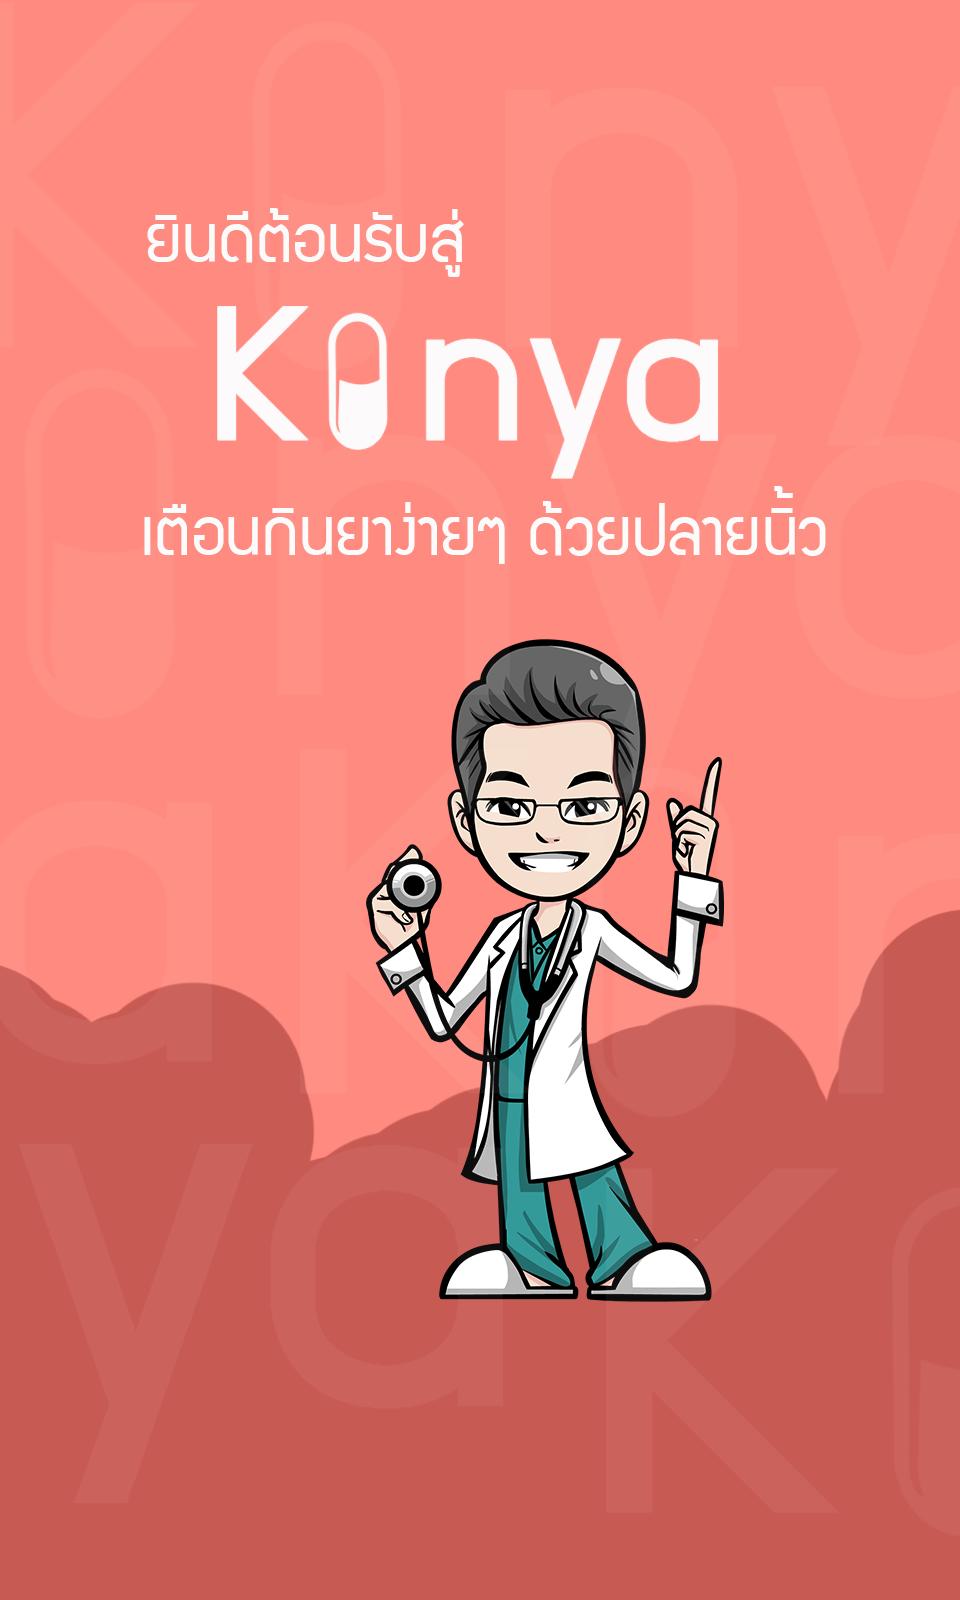 Kinyawelcome11